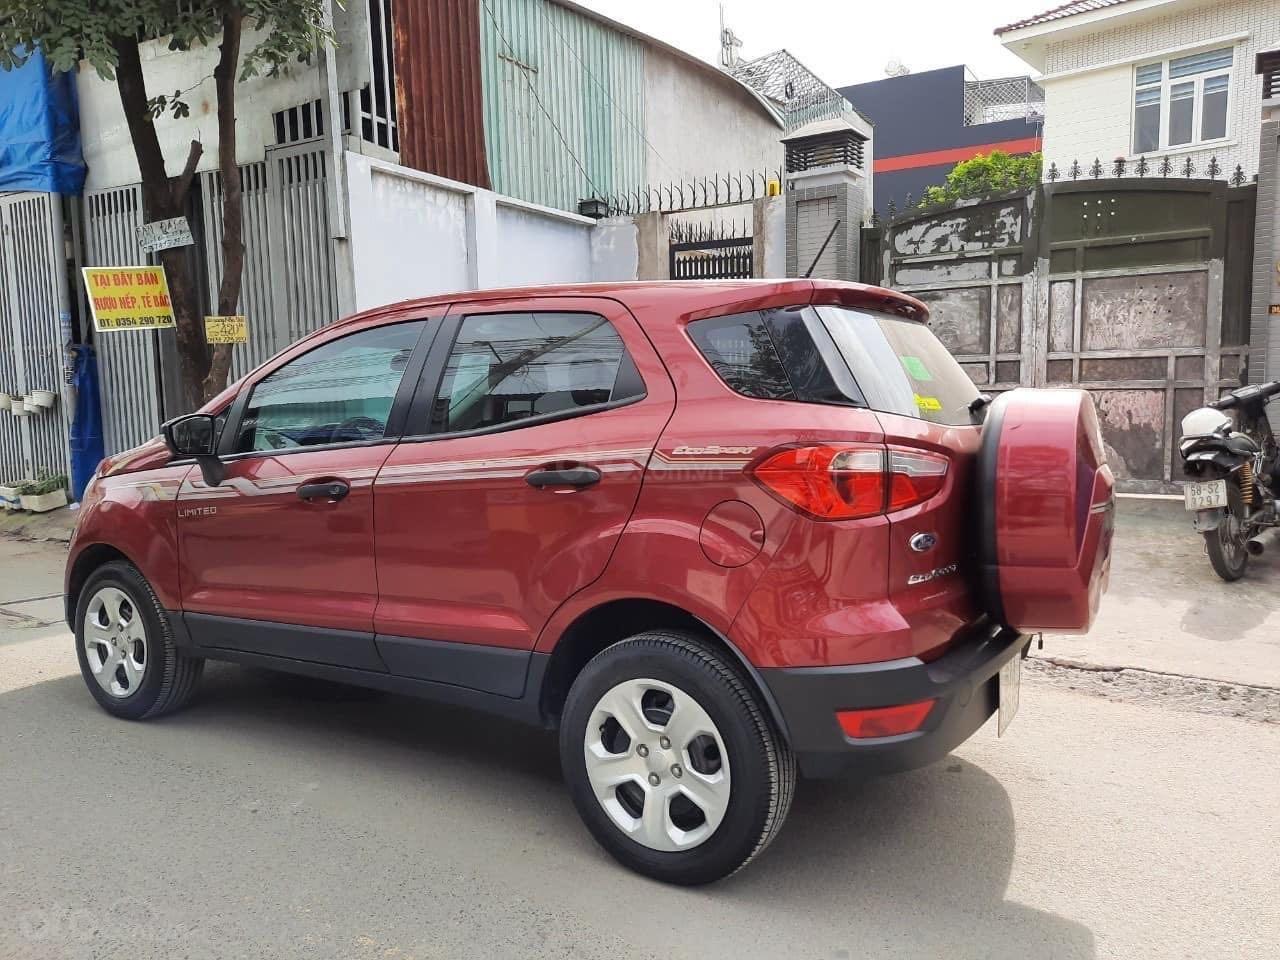 Cần bán Ford EcoSport đăng ký 2018, màu đỏ ít sử dụng, giá tốt 520 triệu đồng (2)